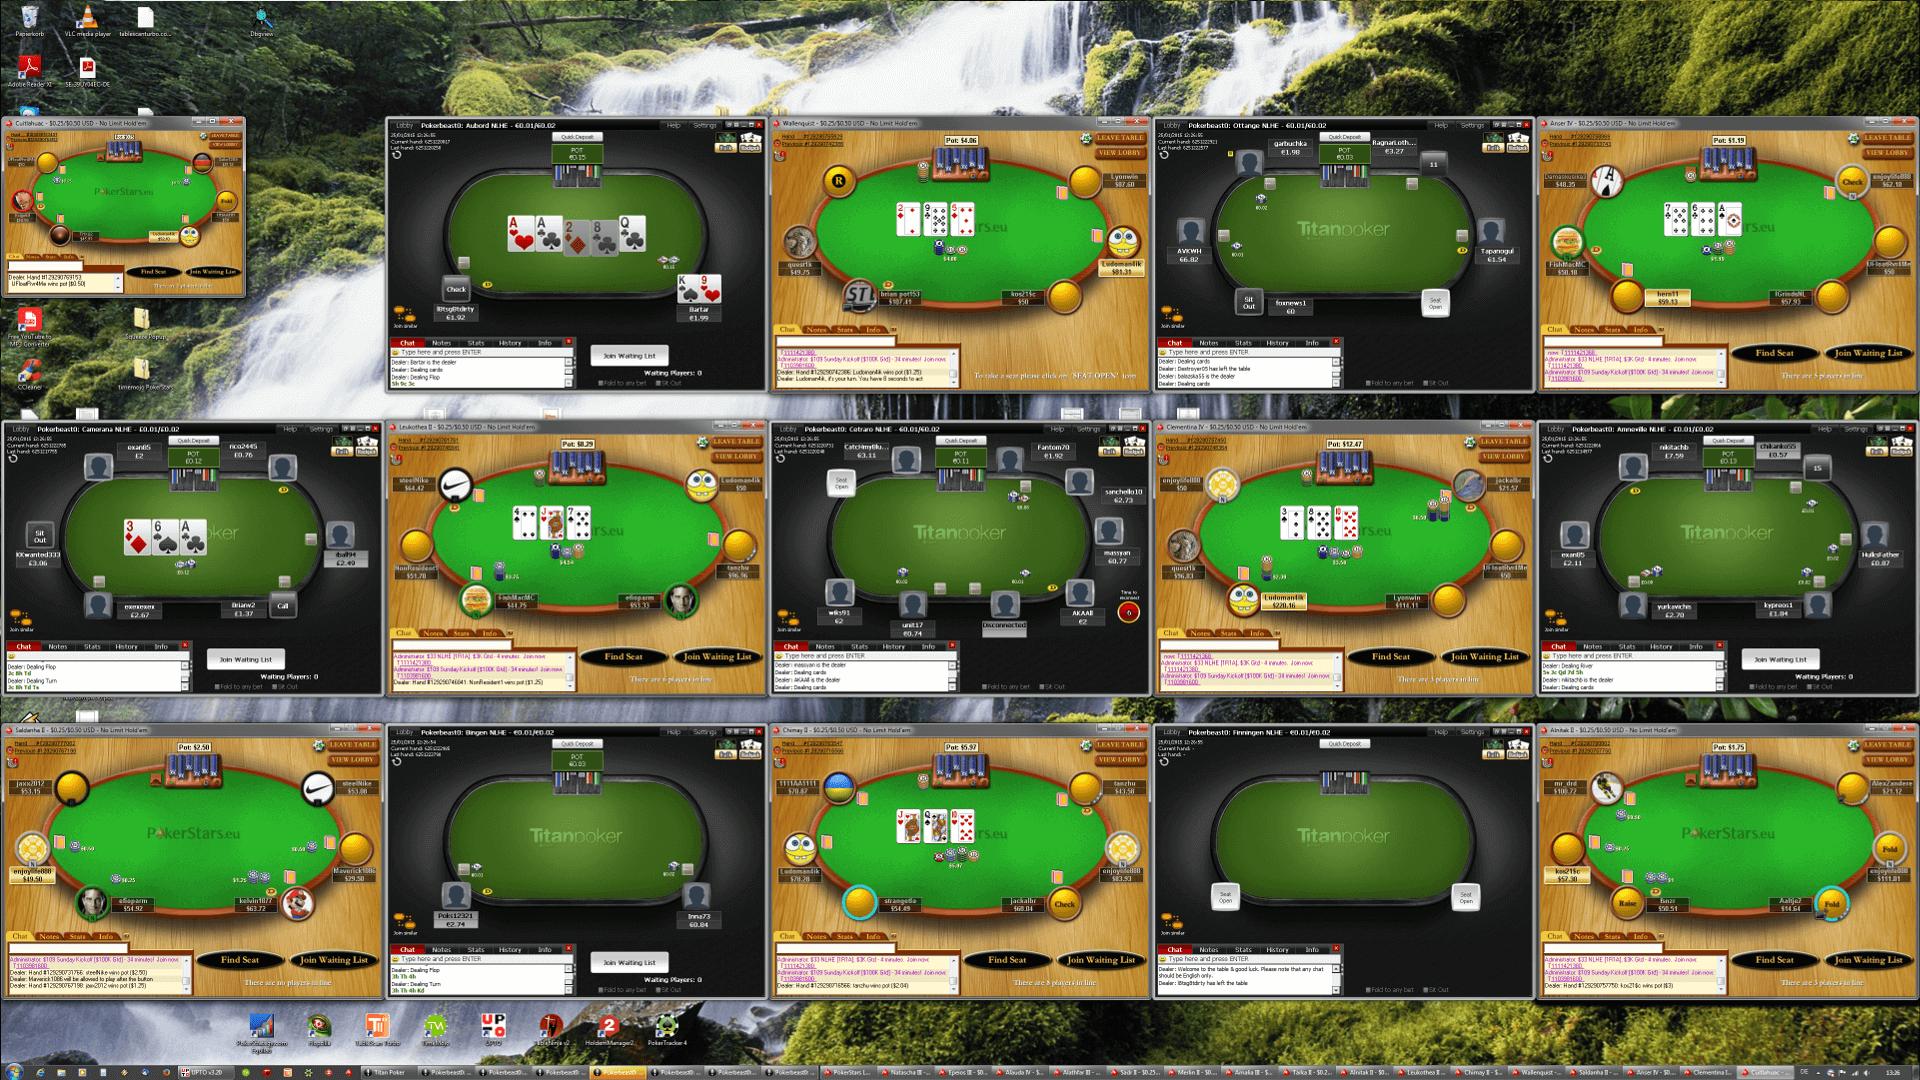 Poker Tischanordnung - UHD(5x3)